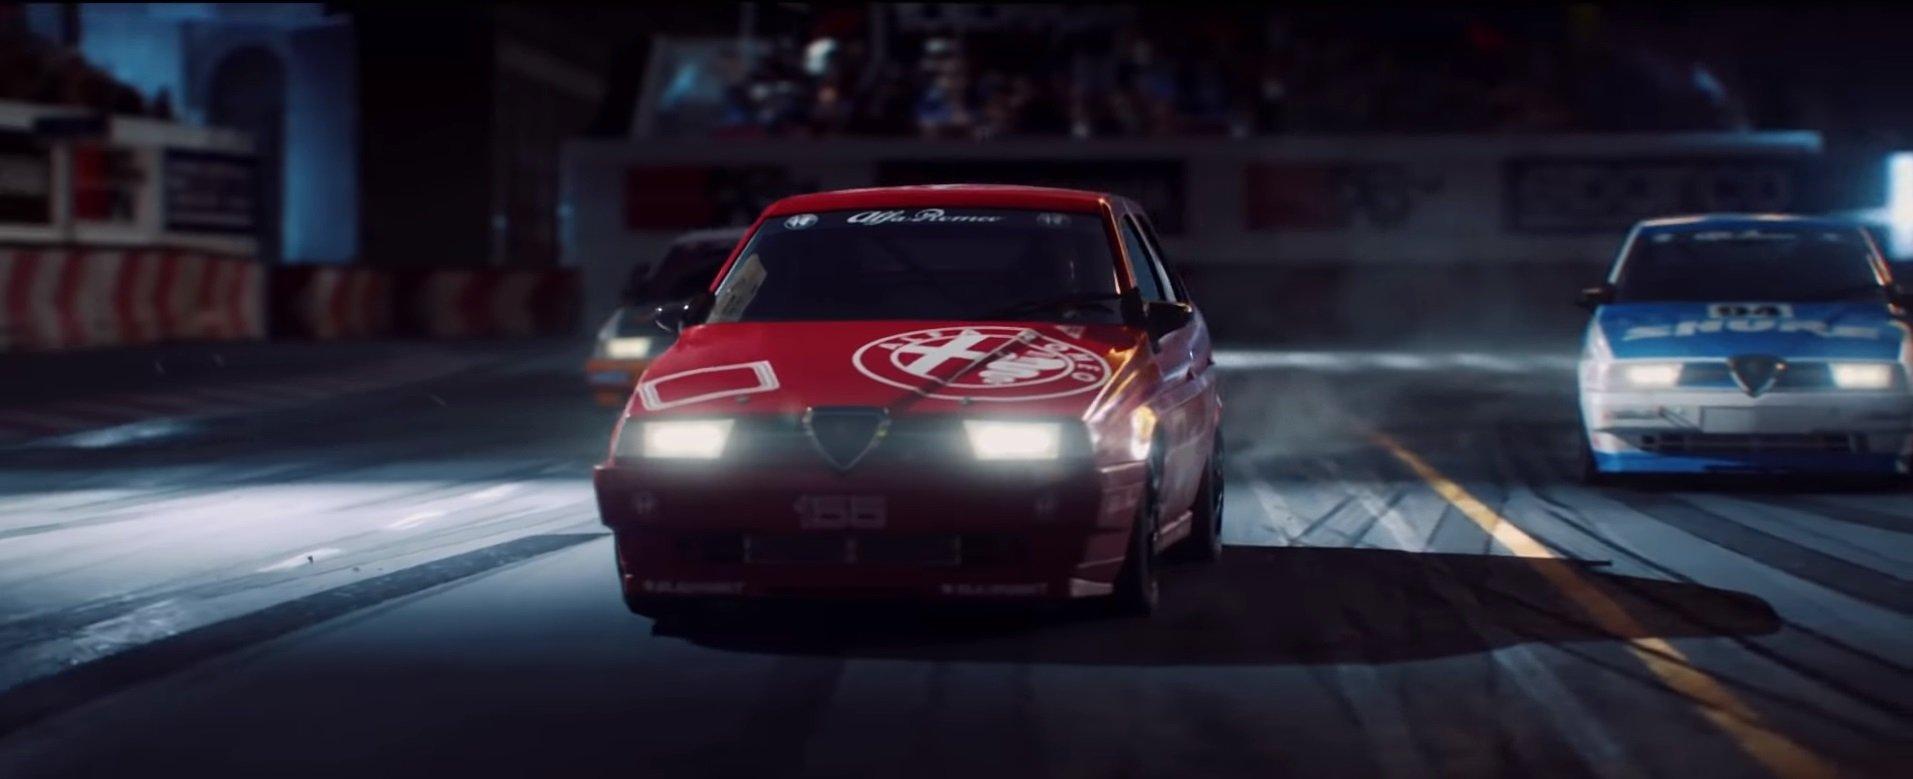 Codemasters Racing Series Grid Returns This September